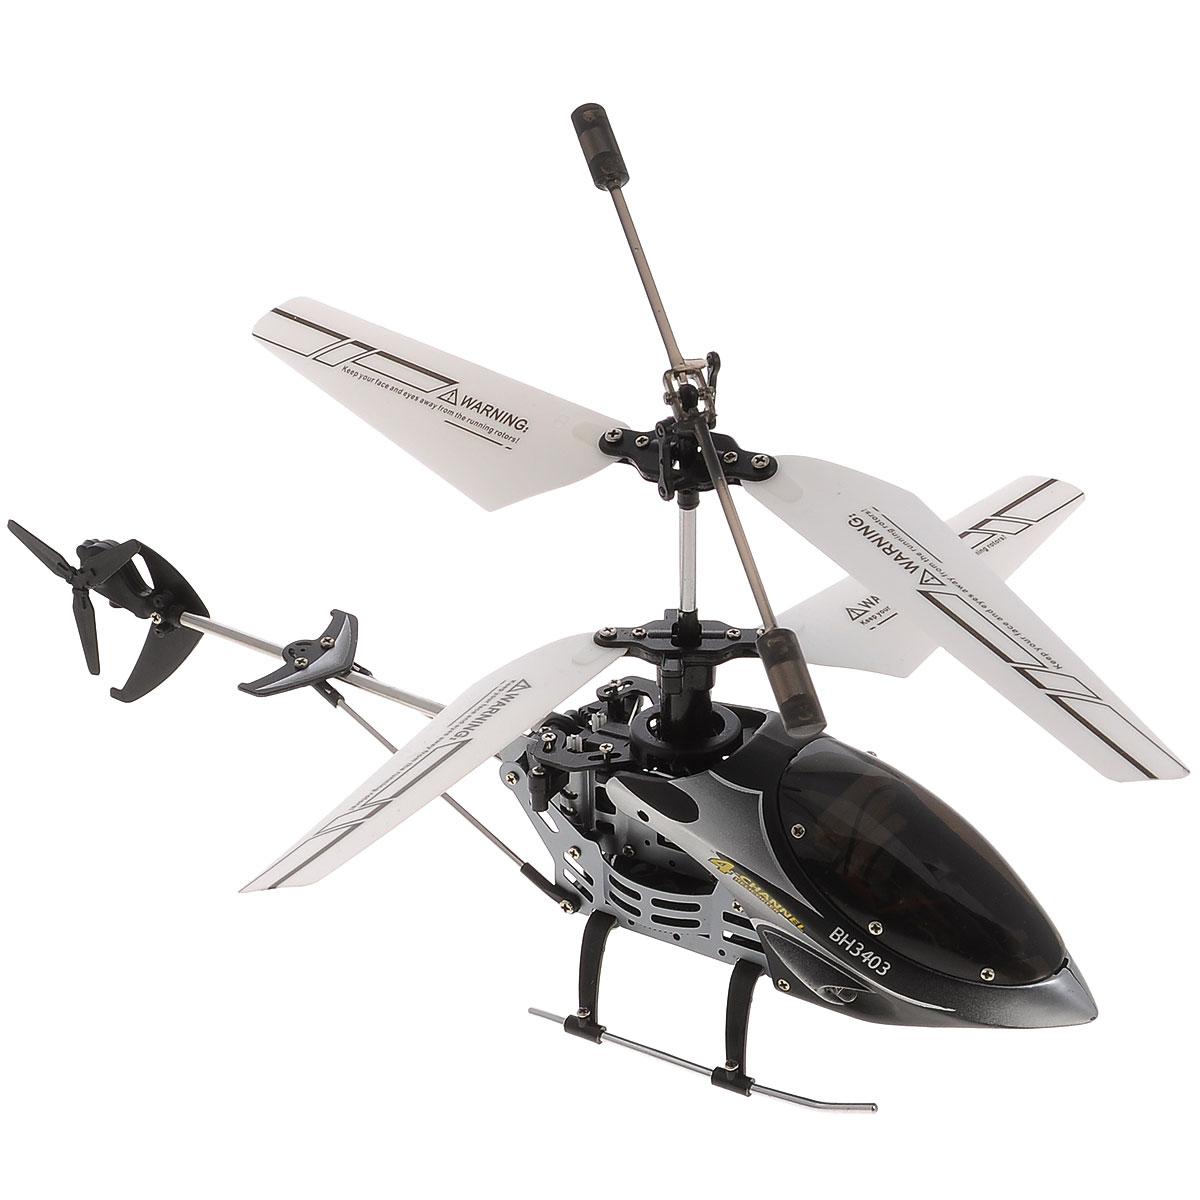 Властелин небес Вертолет на радиоуправлении Проворный цвет серый черныйBH 3403Вертолет Властелин небес Проворный c инфракрасным управлением и встроенным гироскопом отлично подходит для полетов в закрытых помещениях и на улице в безветренную погоду. Гироскоп предназначен для курсовой стабилизации полета. Выполнен из прочного материала, поэтому риск повреждений игрушки при ударах и падениях сведен к минимуму. Вертолет небольшой и маневренный и легко обходит препятствия, послушно следуя командам c пульта управления. Игрушка может летать вперед-назад, вверх-вниз, вправо-влево, поворачивать, вращаться и зависать в воздухе. У вертолета имеется демо-режим. Вертолет оснащен проблесковыми огнями для полета в темноте. Имеется возможность подзарядки вертолета от пульта и USB-шнура. Полностью заряженный вертолет летает 8-10 минут. Игрушка развивает многочисленные способности ребенка - мелкую моторику, пространственное мышление, реакцию и логику. Вертолет работает от встроенного аккумулятора (Li-Poly 3,7V), который заряжать возможно от USB-шнура (входит в...